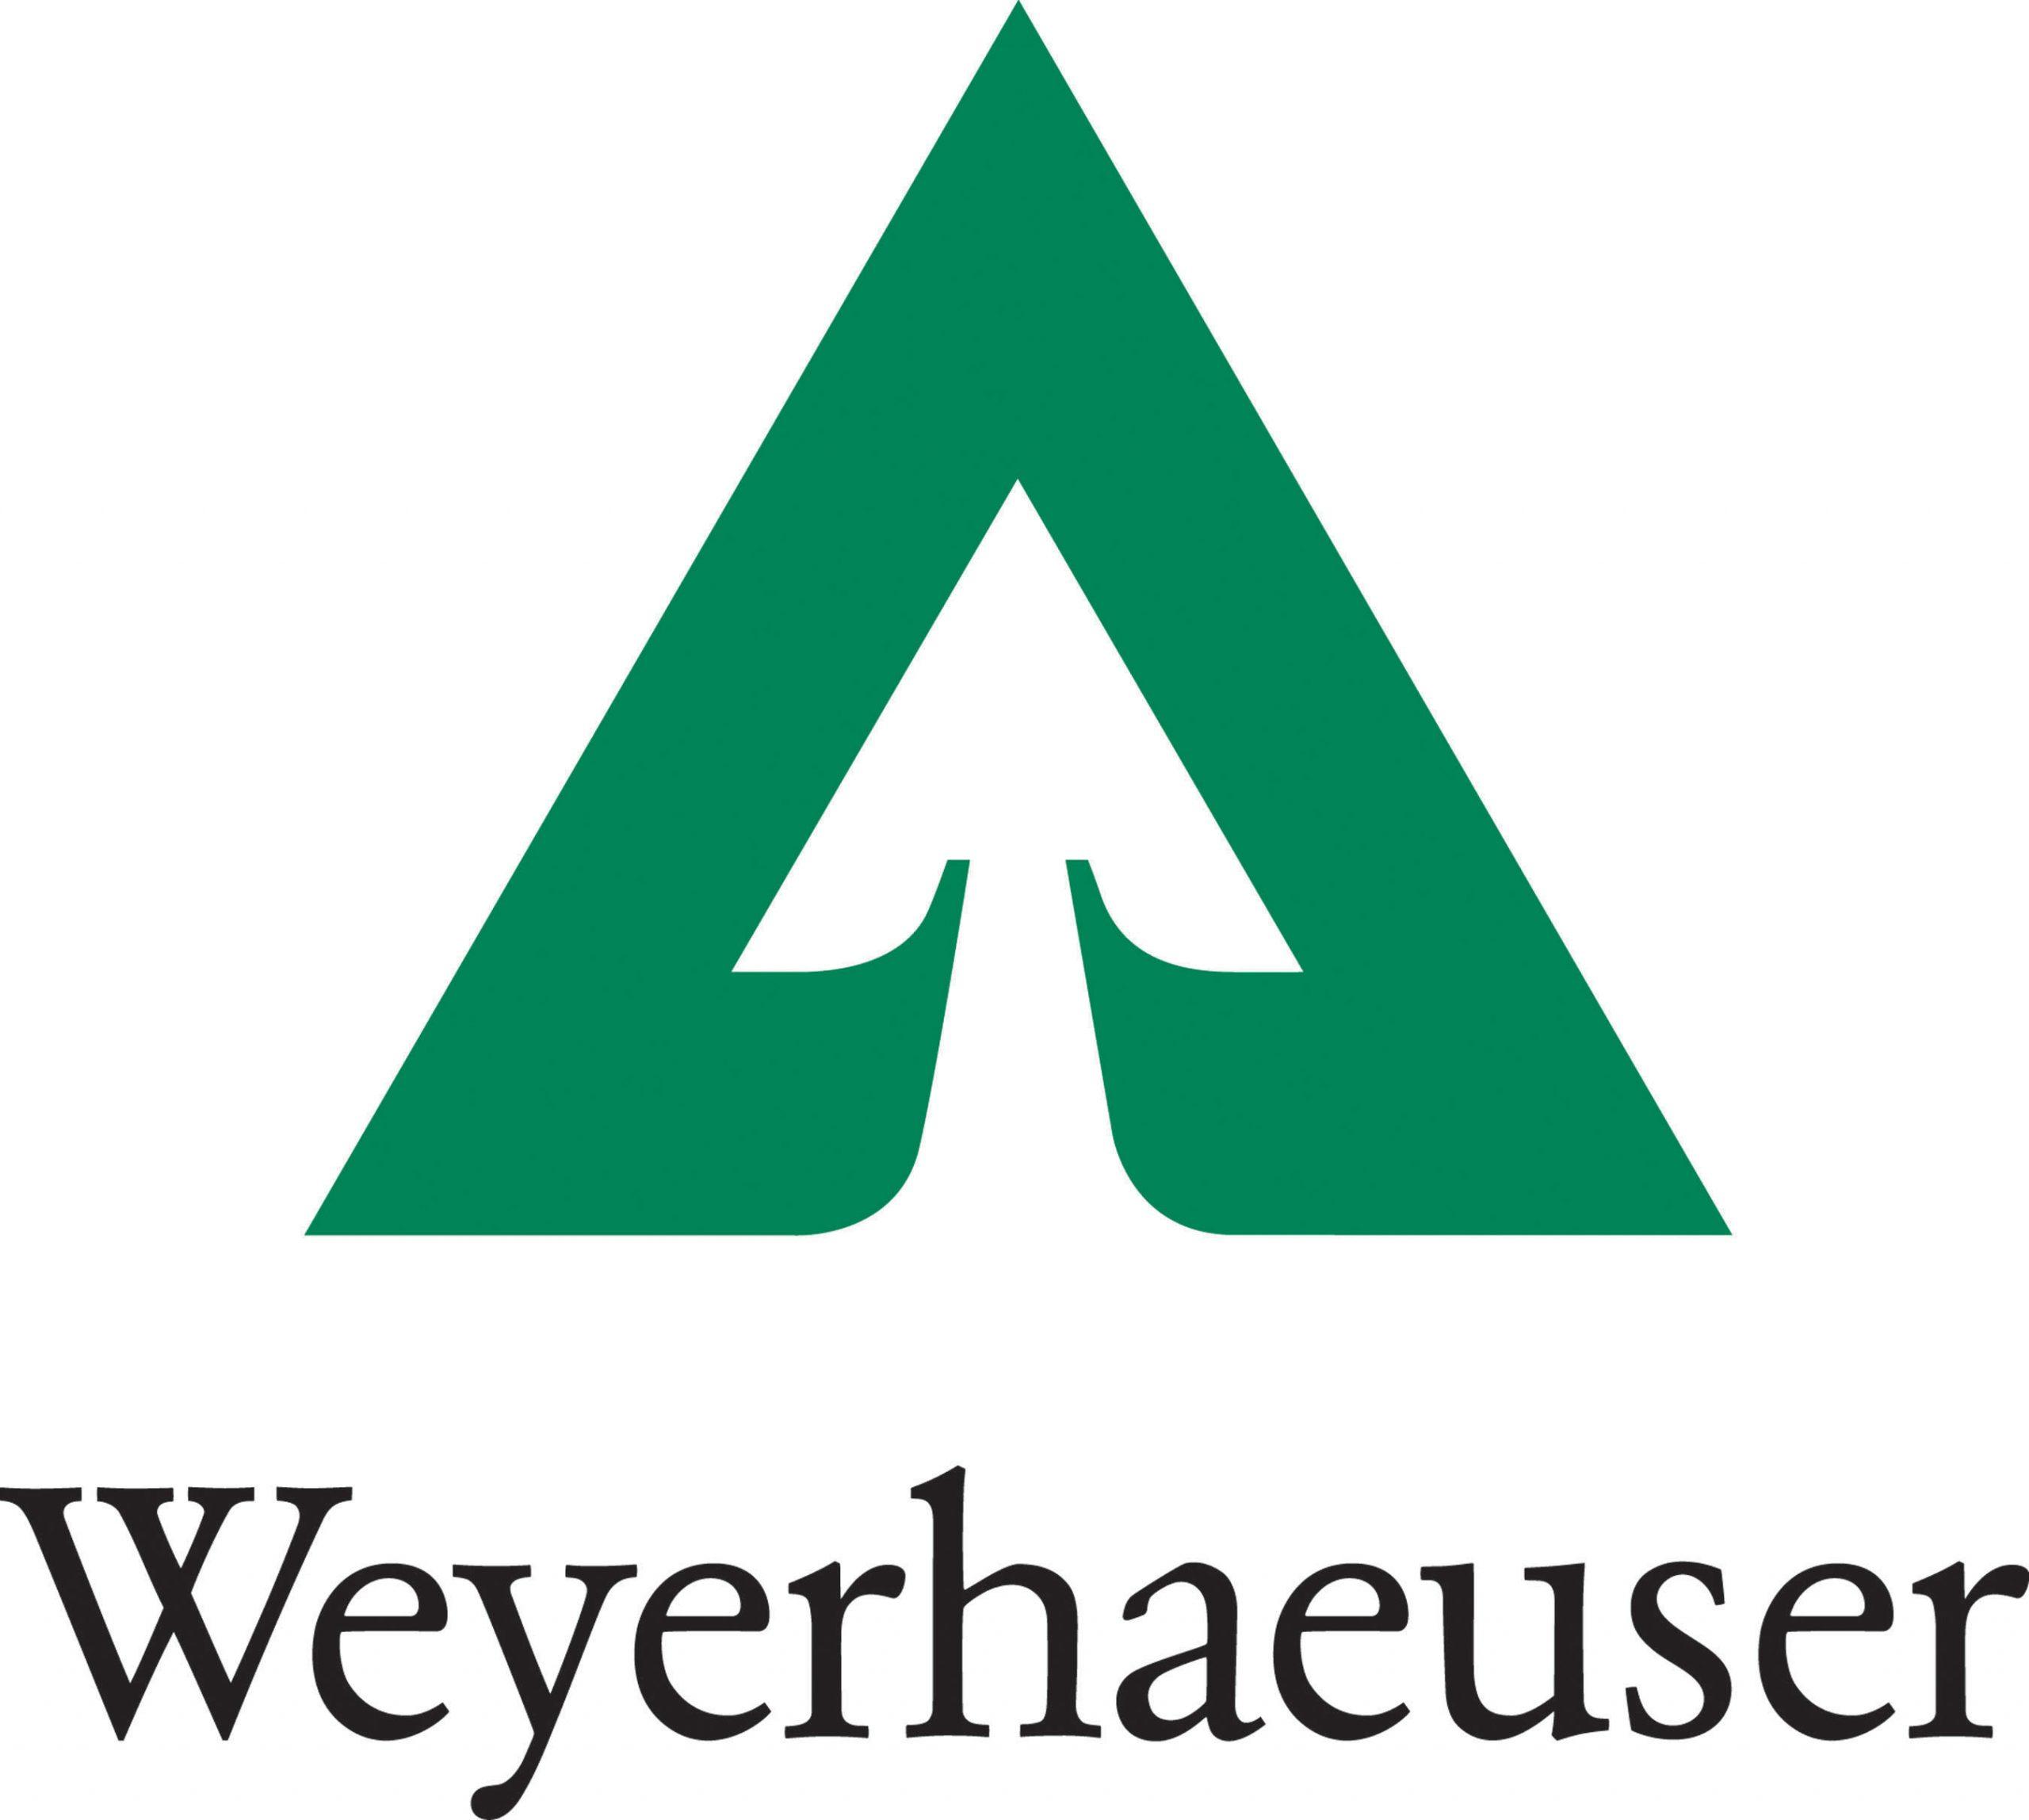 Weyerhaeuser Recycling - instructional design client logo